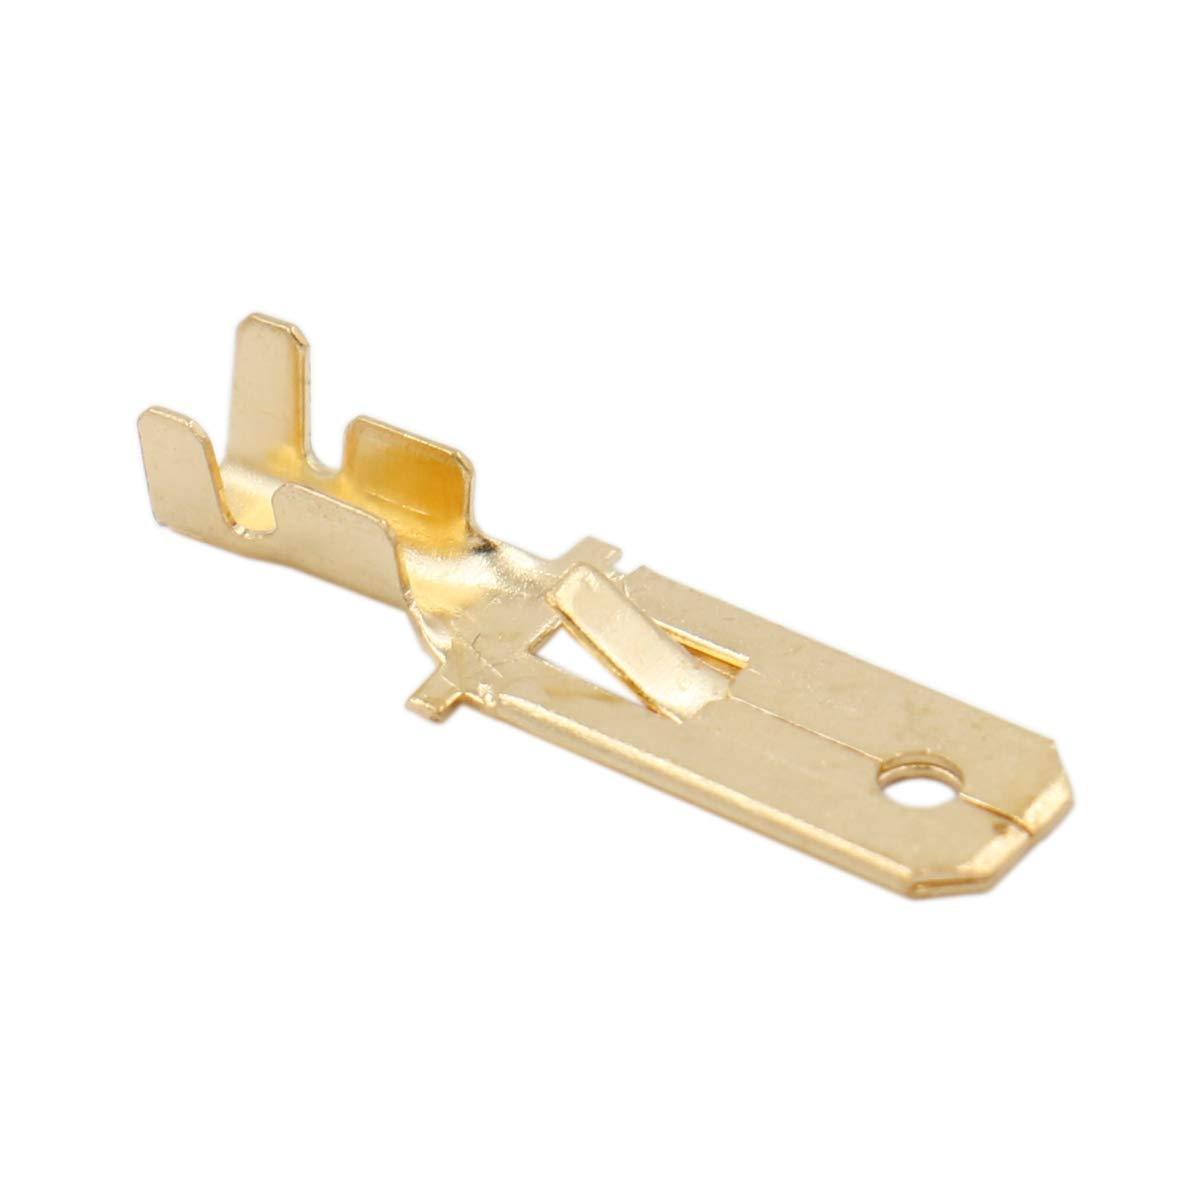 6,3 mm 100 unidades Terminales de engaste r/ápido para pala macho Heschen conector de crimpado no aislado